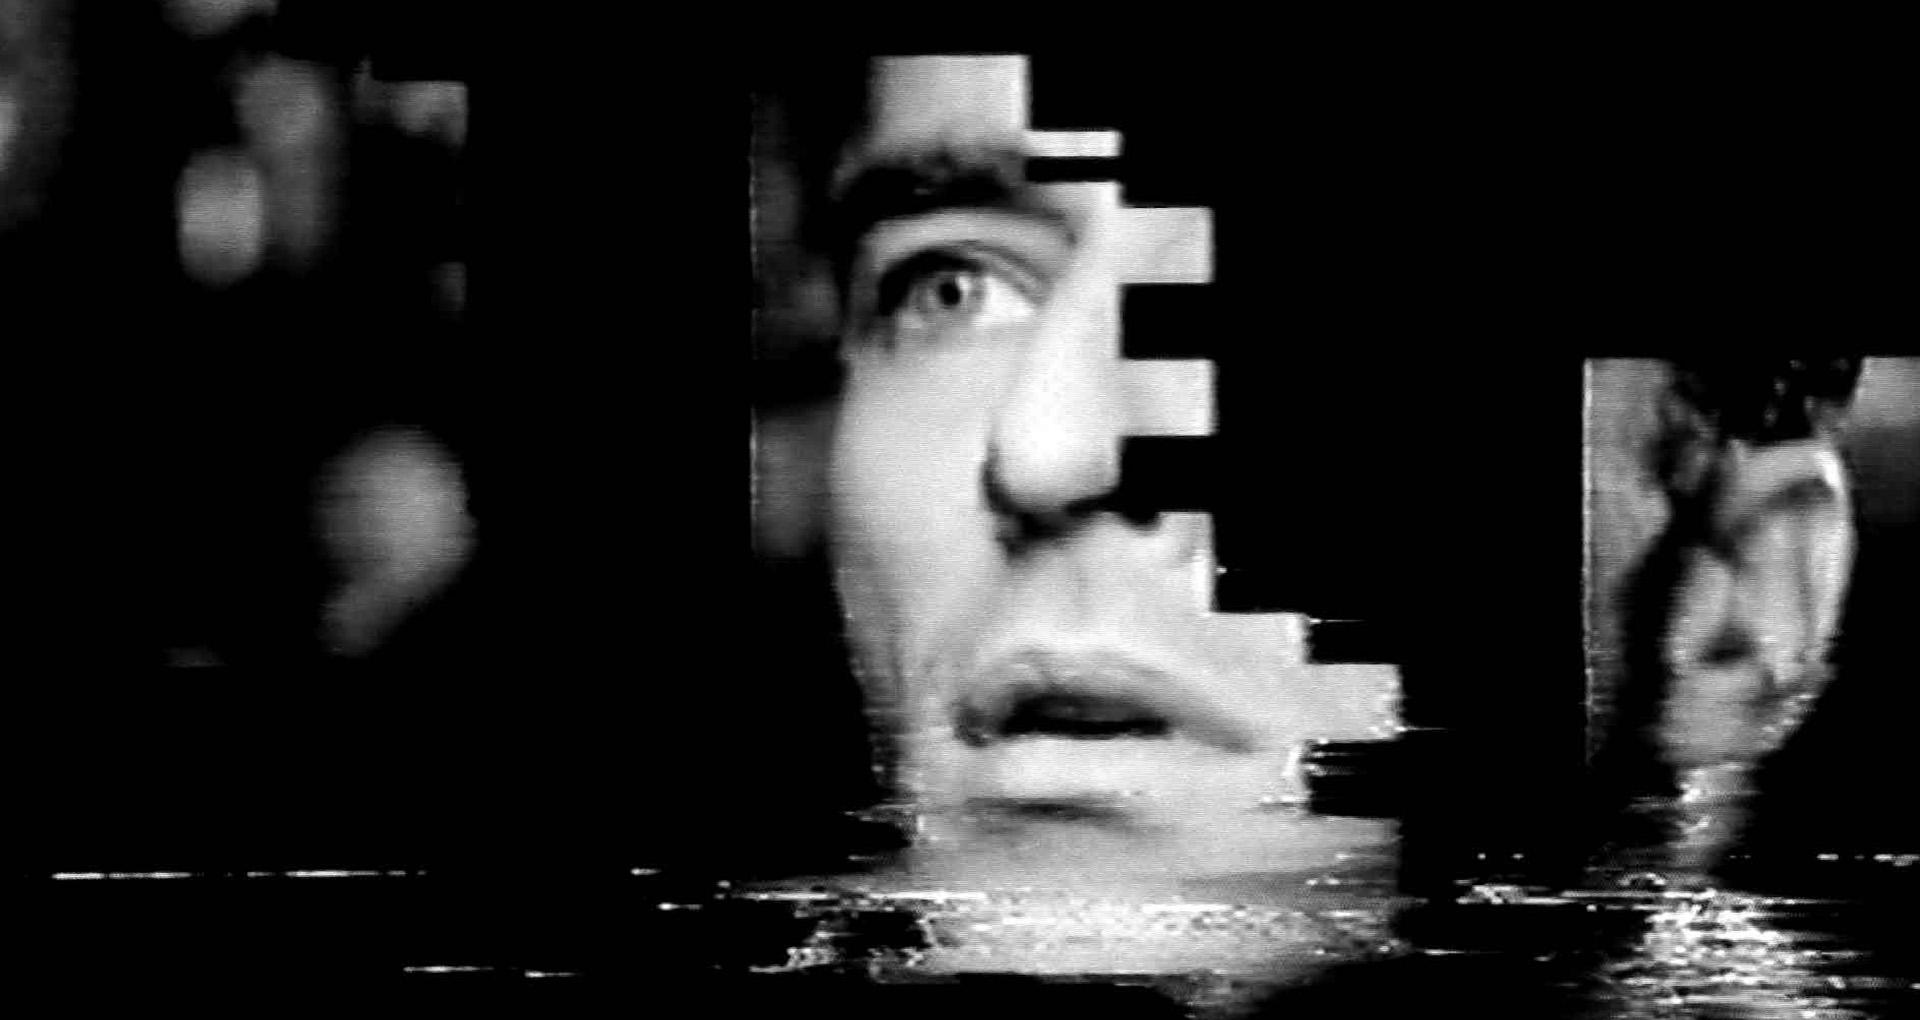 Image vidéo en noir et blanc. Le visage d'un homme est découpée en morceau